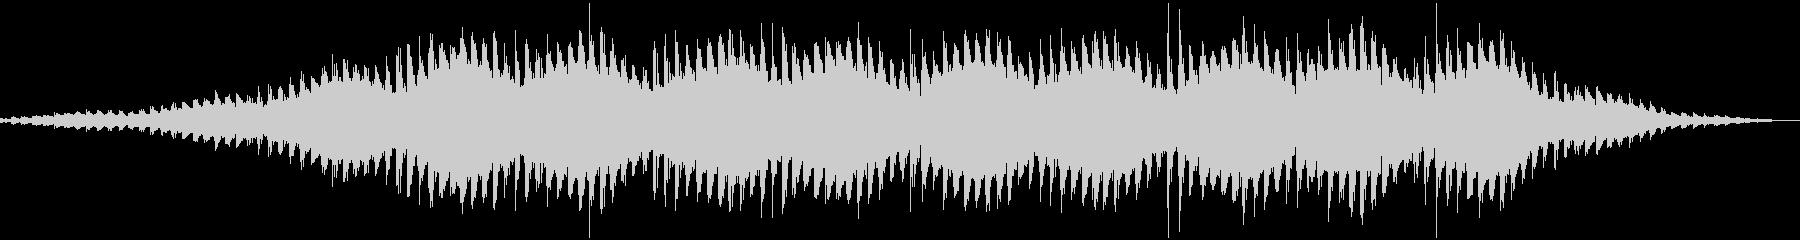 【ゲーム】不穏な空気に合う音の未再生の波形